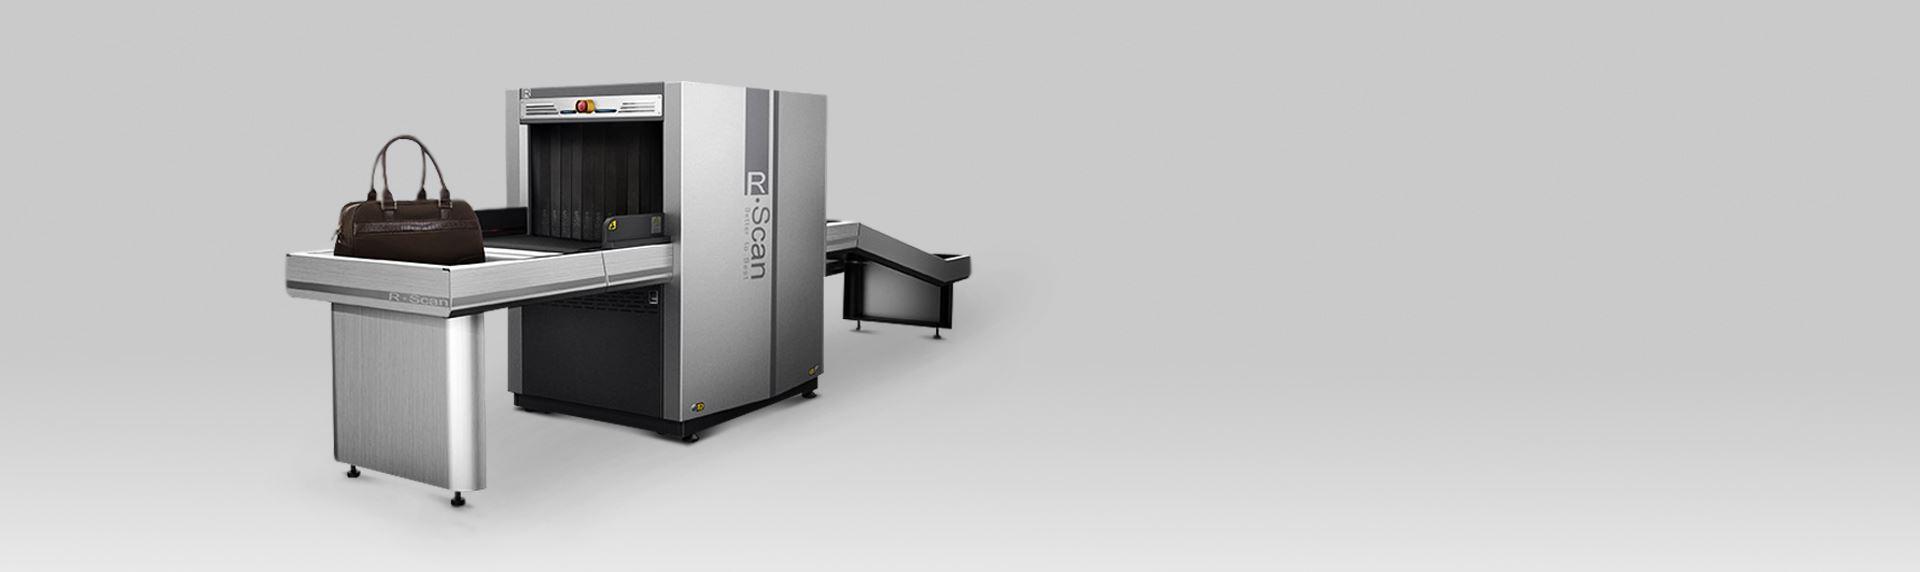 SSC设计-X射线安检机